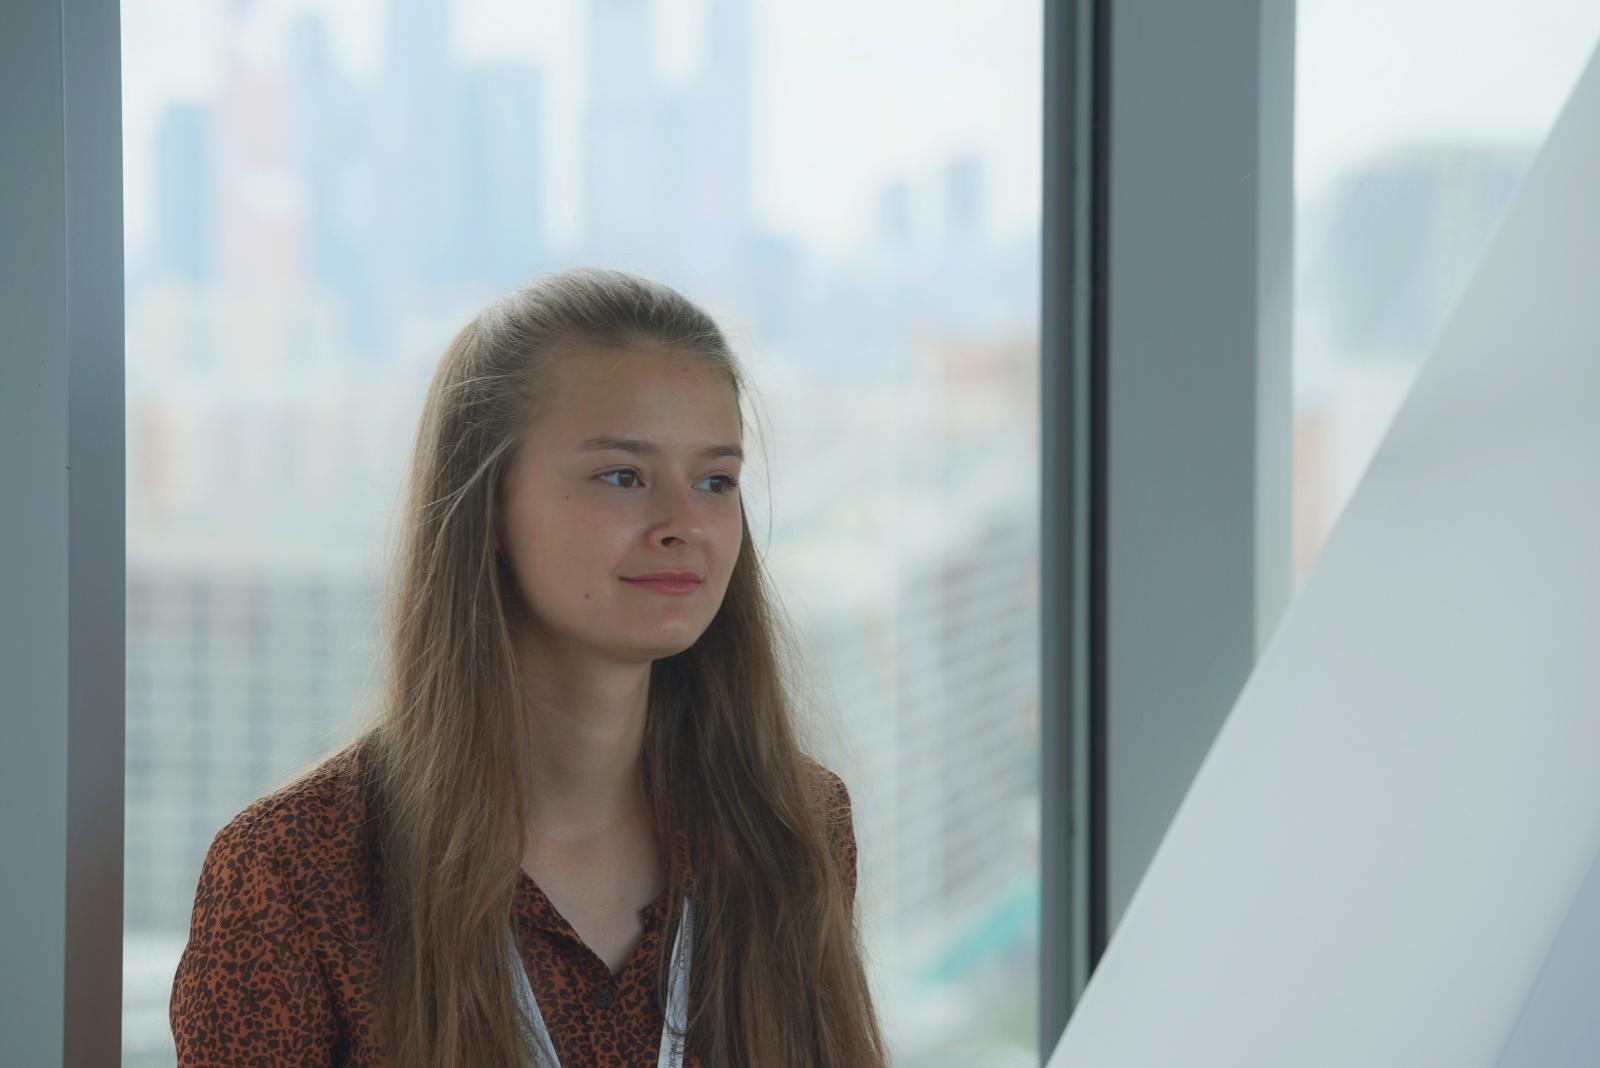 Отцы, дети и биоморфные роботы: интервью с Александрой Архиповой, героиней «Профессий будущего» - 2